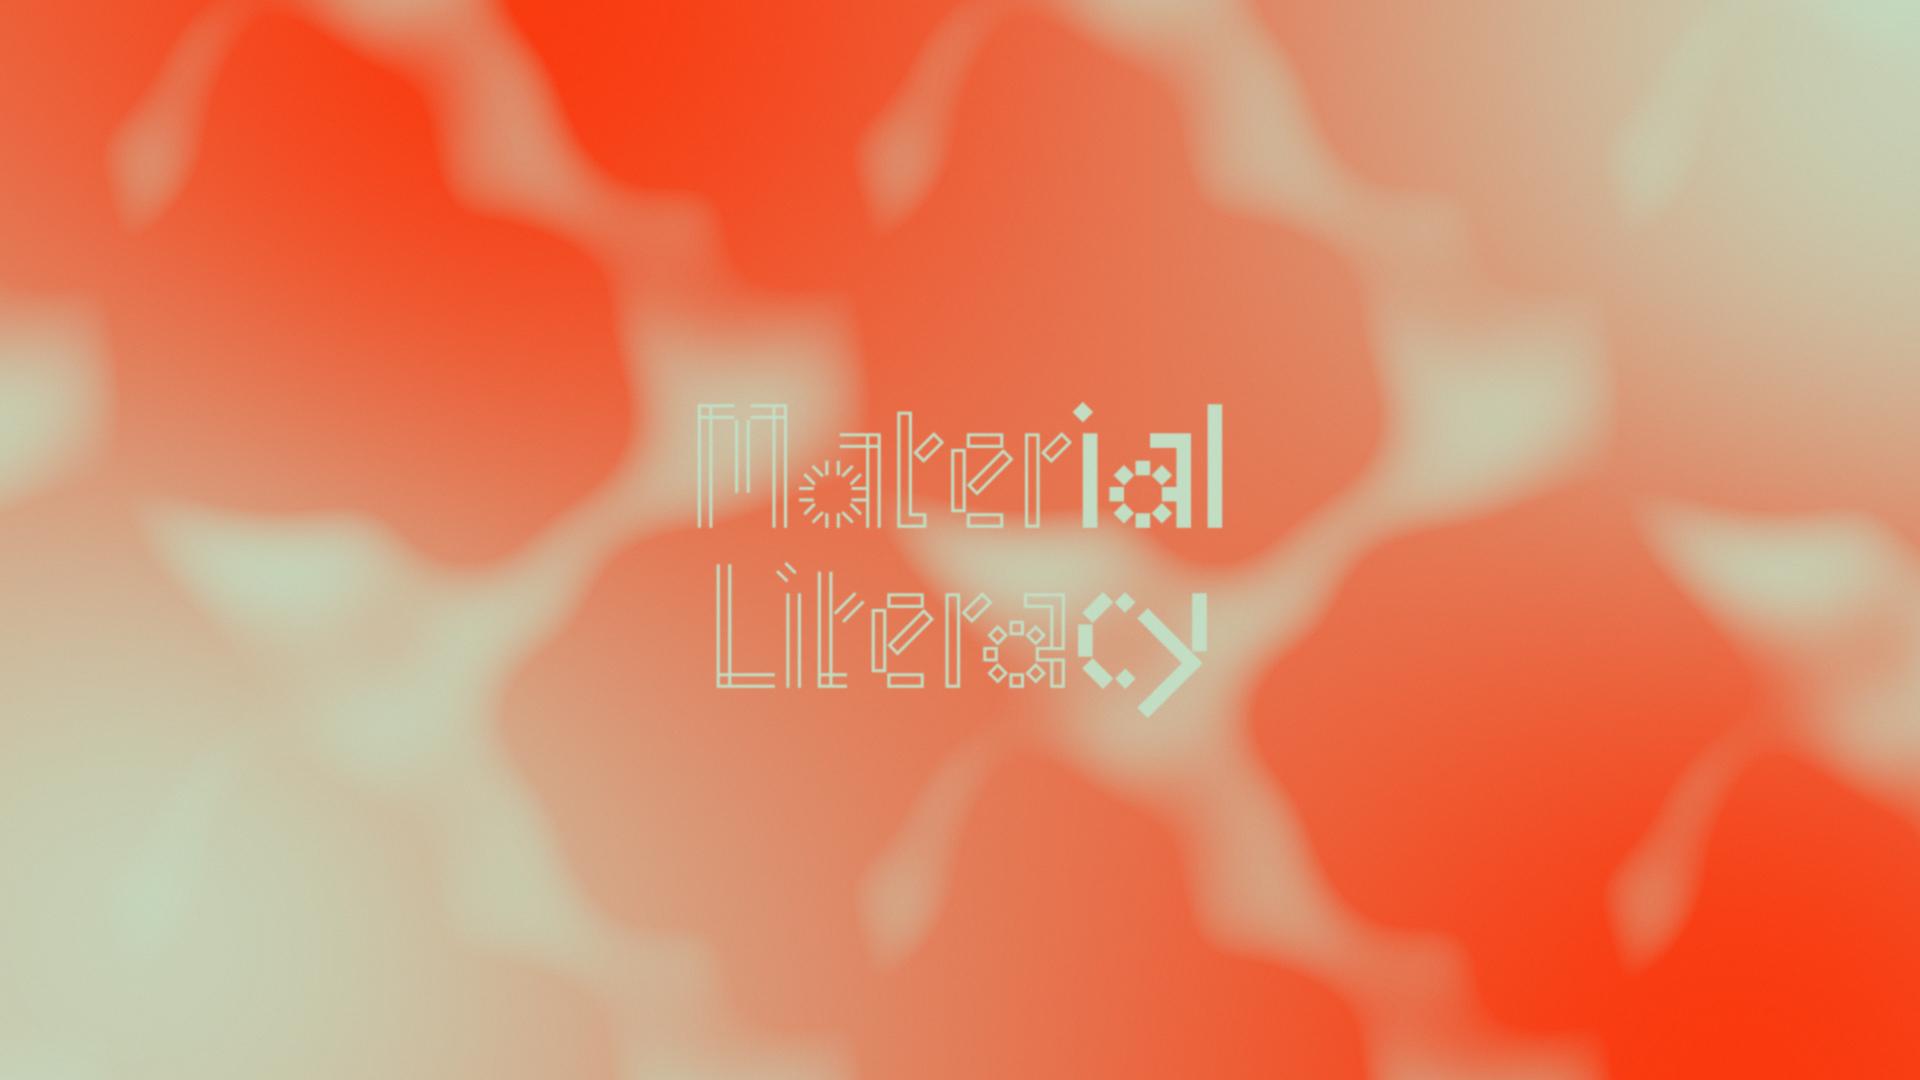 Ma-tt-er - Material Literacy